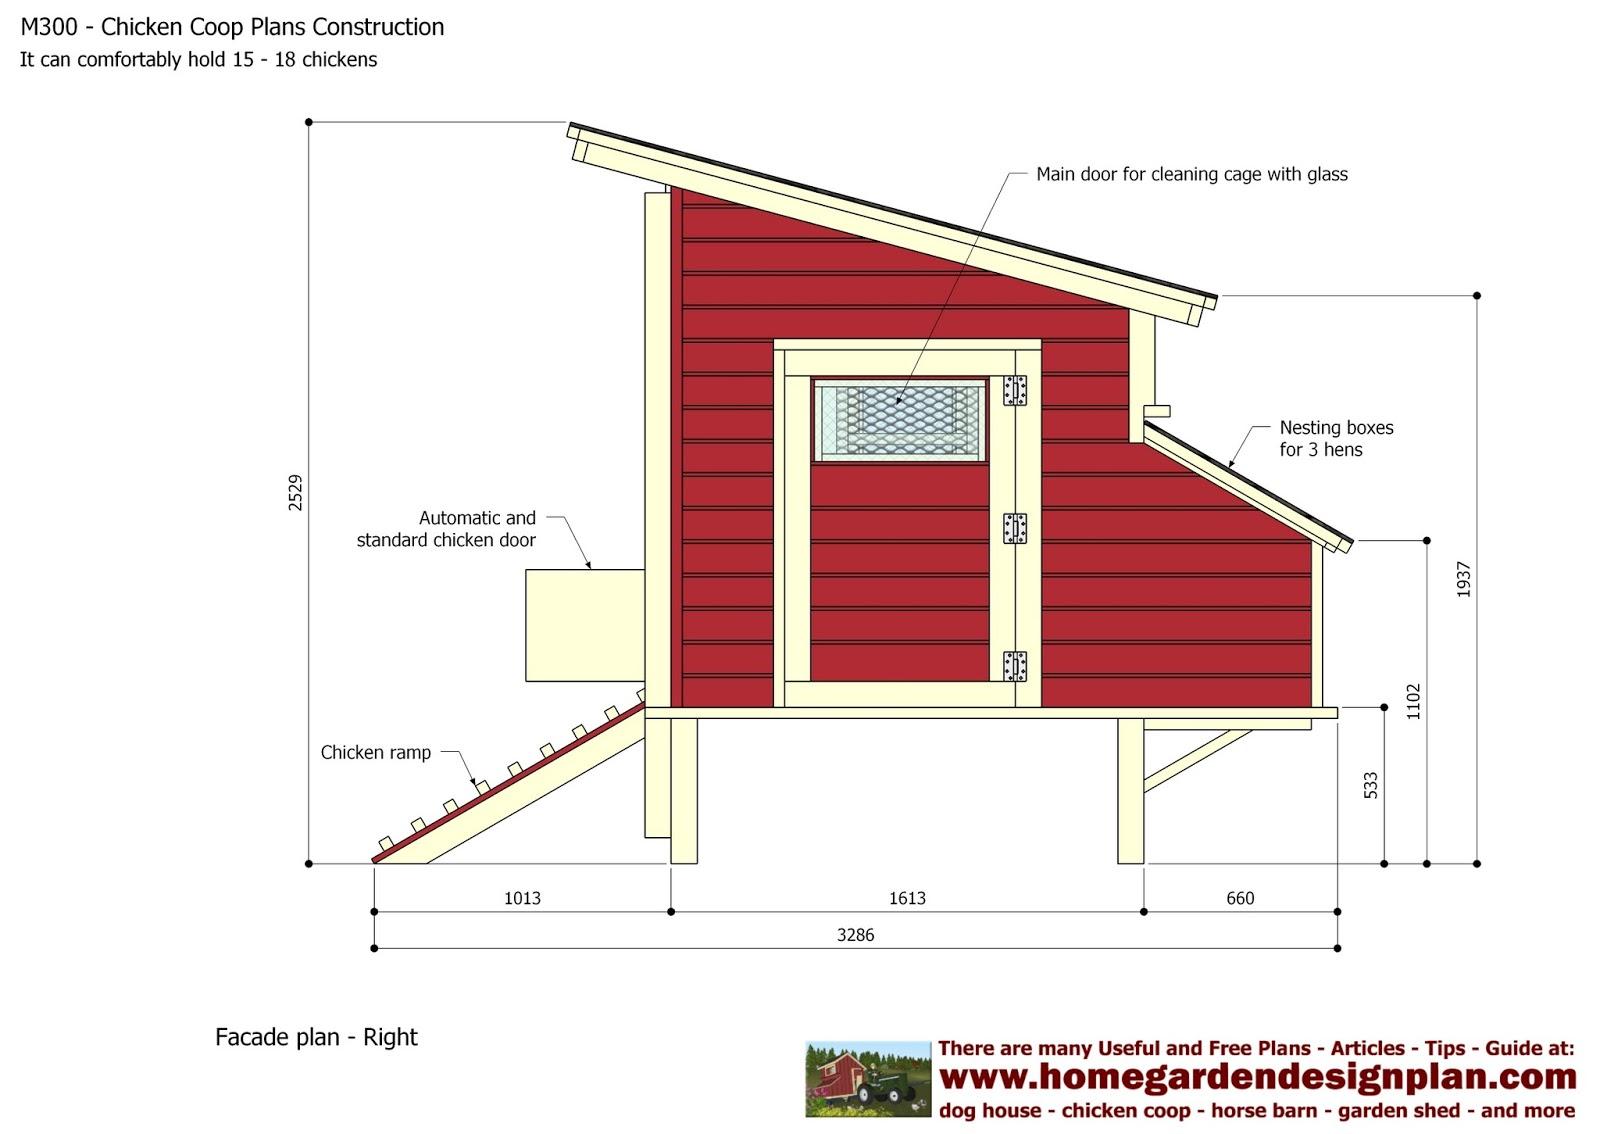 Home garden plans m300 chicken coop plans chicken for Chicken coop designs for 3 chickens